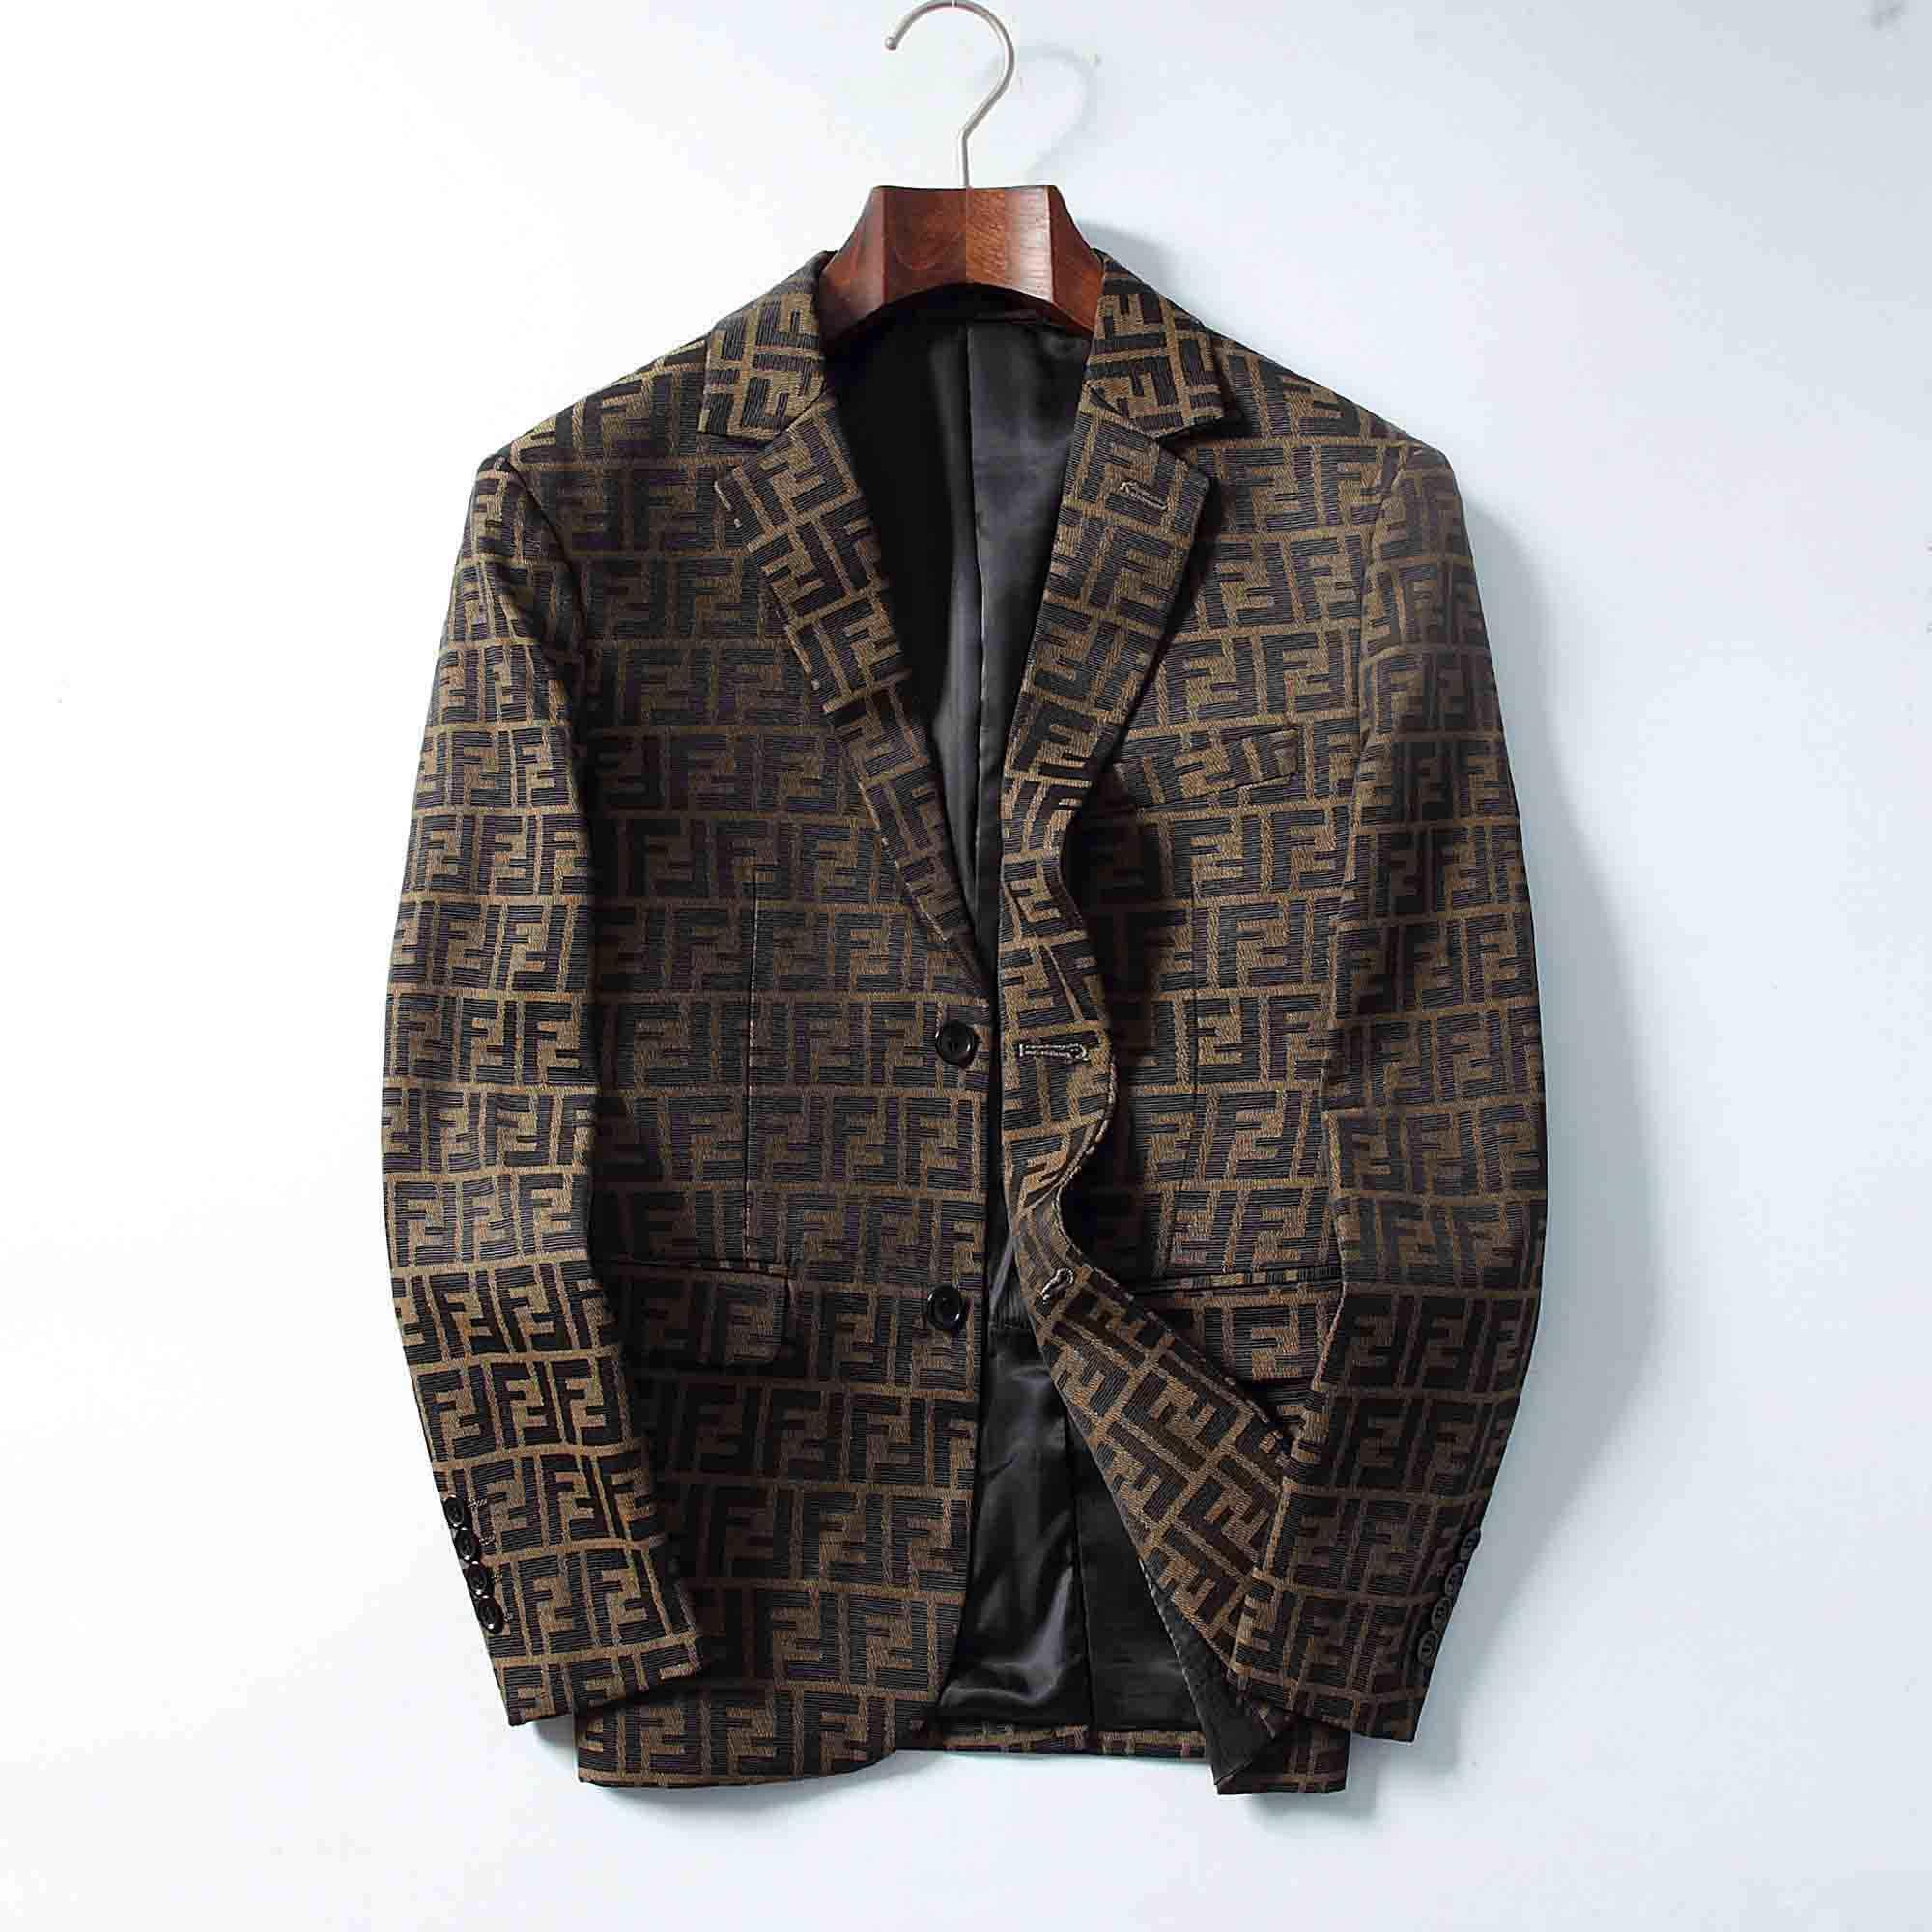 2019 yeni Ceket Coat Güneş kremi Casual Erkek Giyim Ceketler Harf Baskılı Yaka Kapşonlu Siyah WINDBREAKER Streetwear M-3XL ile Tops